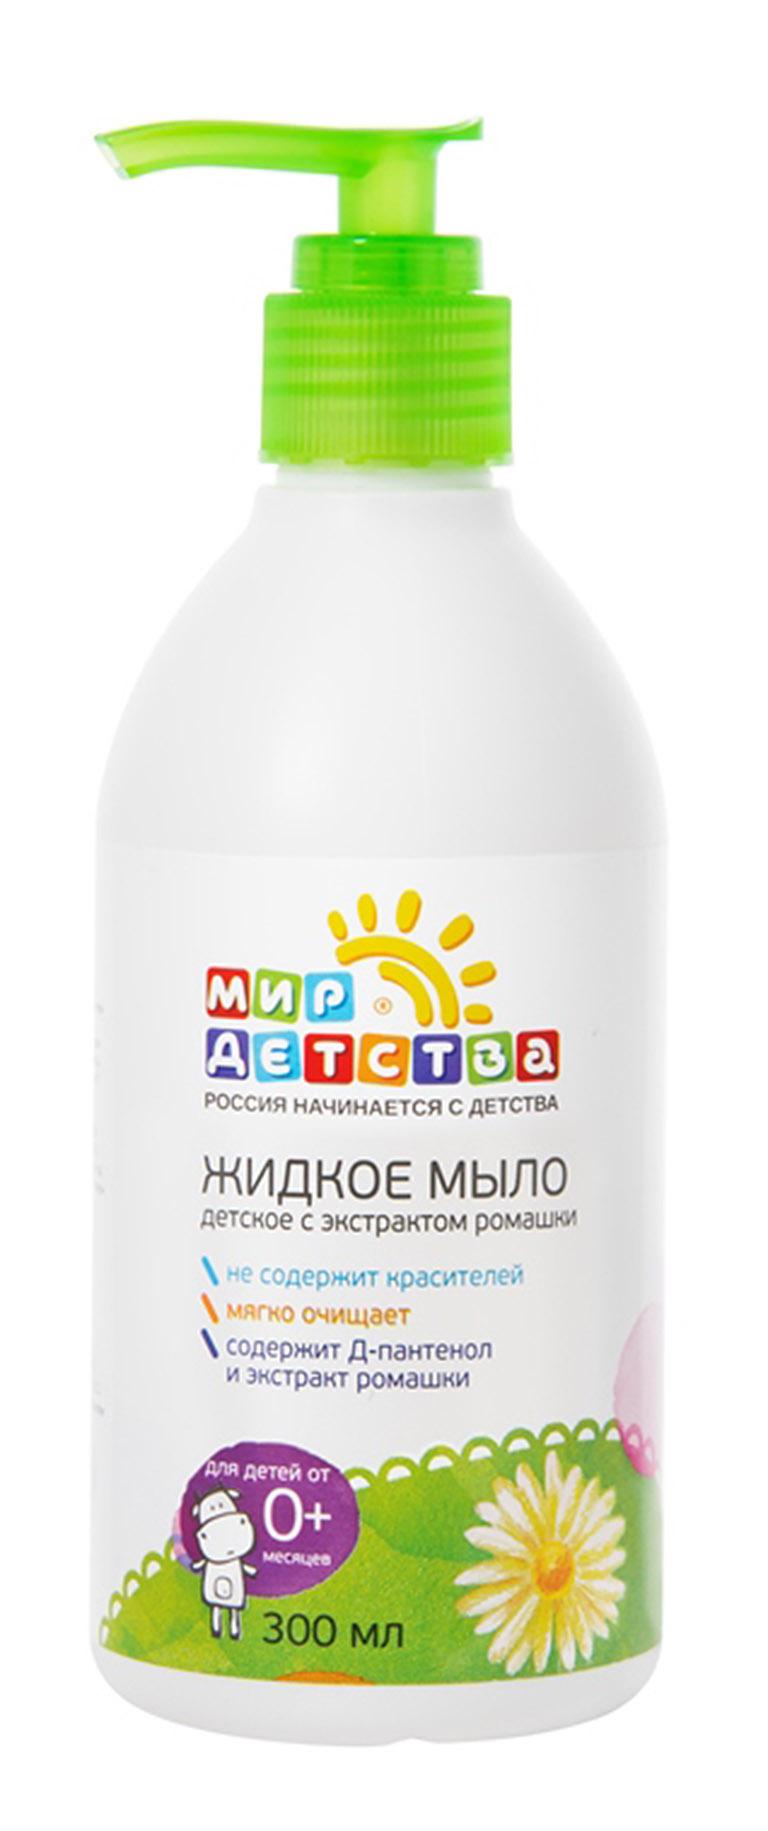 40419 Жидкое мыло с экстрактом ромашки, 300мл